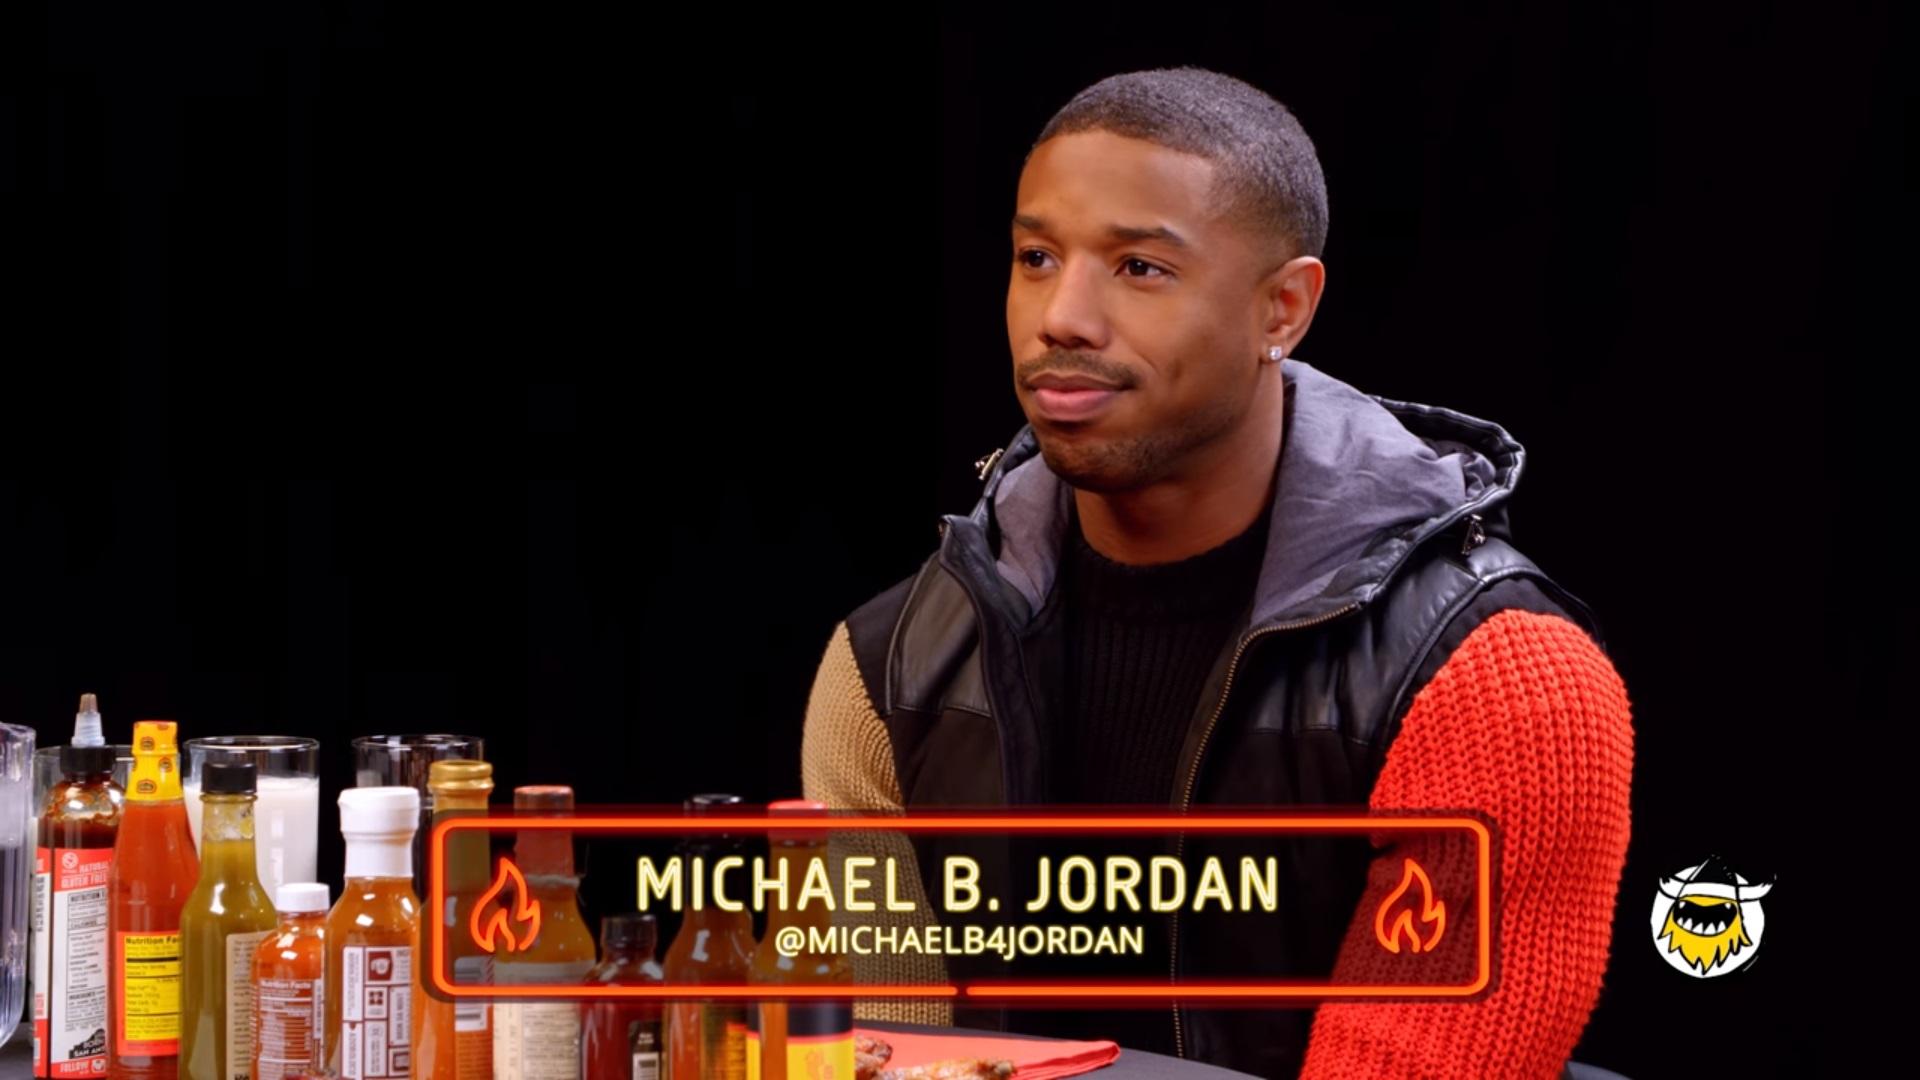 watch-michael-b-jordan-get-down-with-spicy-wings-on-hot-ones-social.jpg